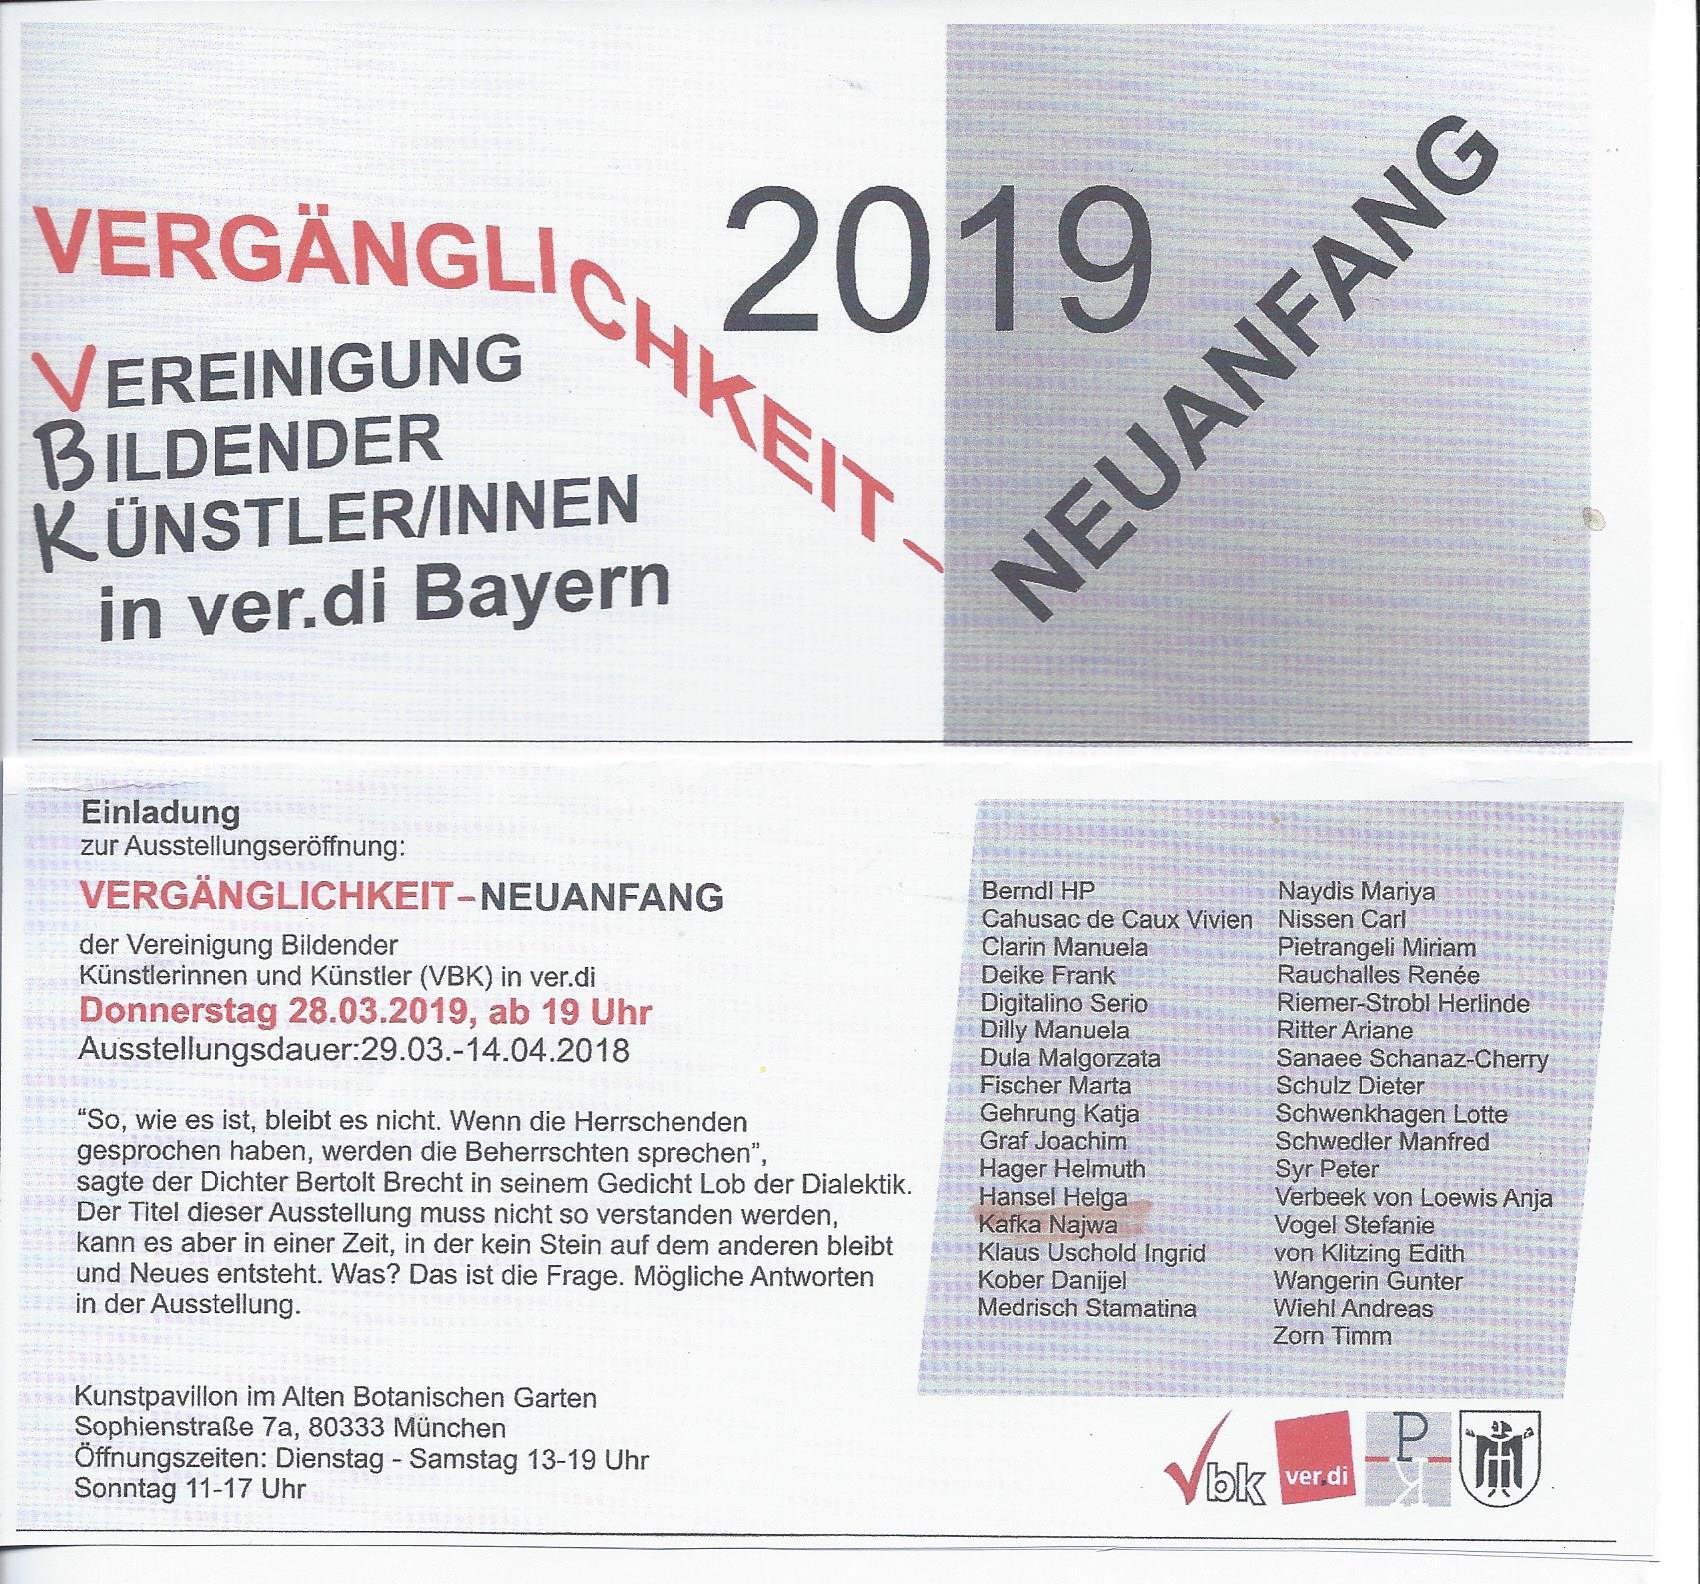 VBK Ausstellung in der alten botanischen Garten  München  2019